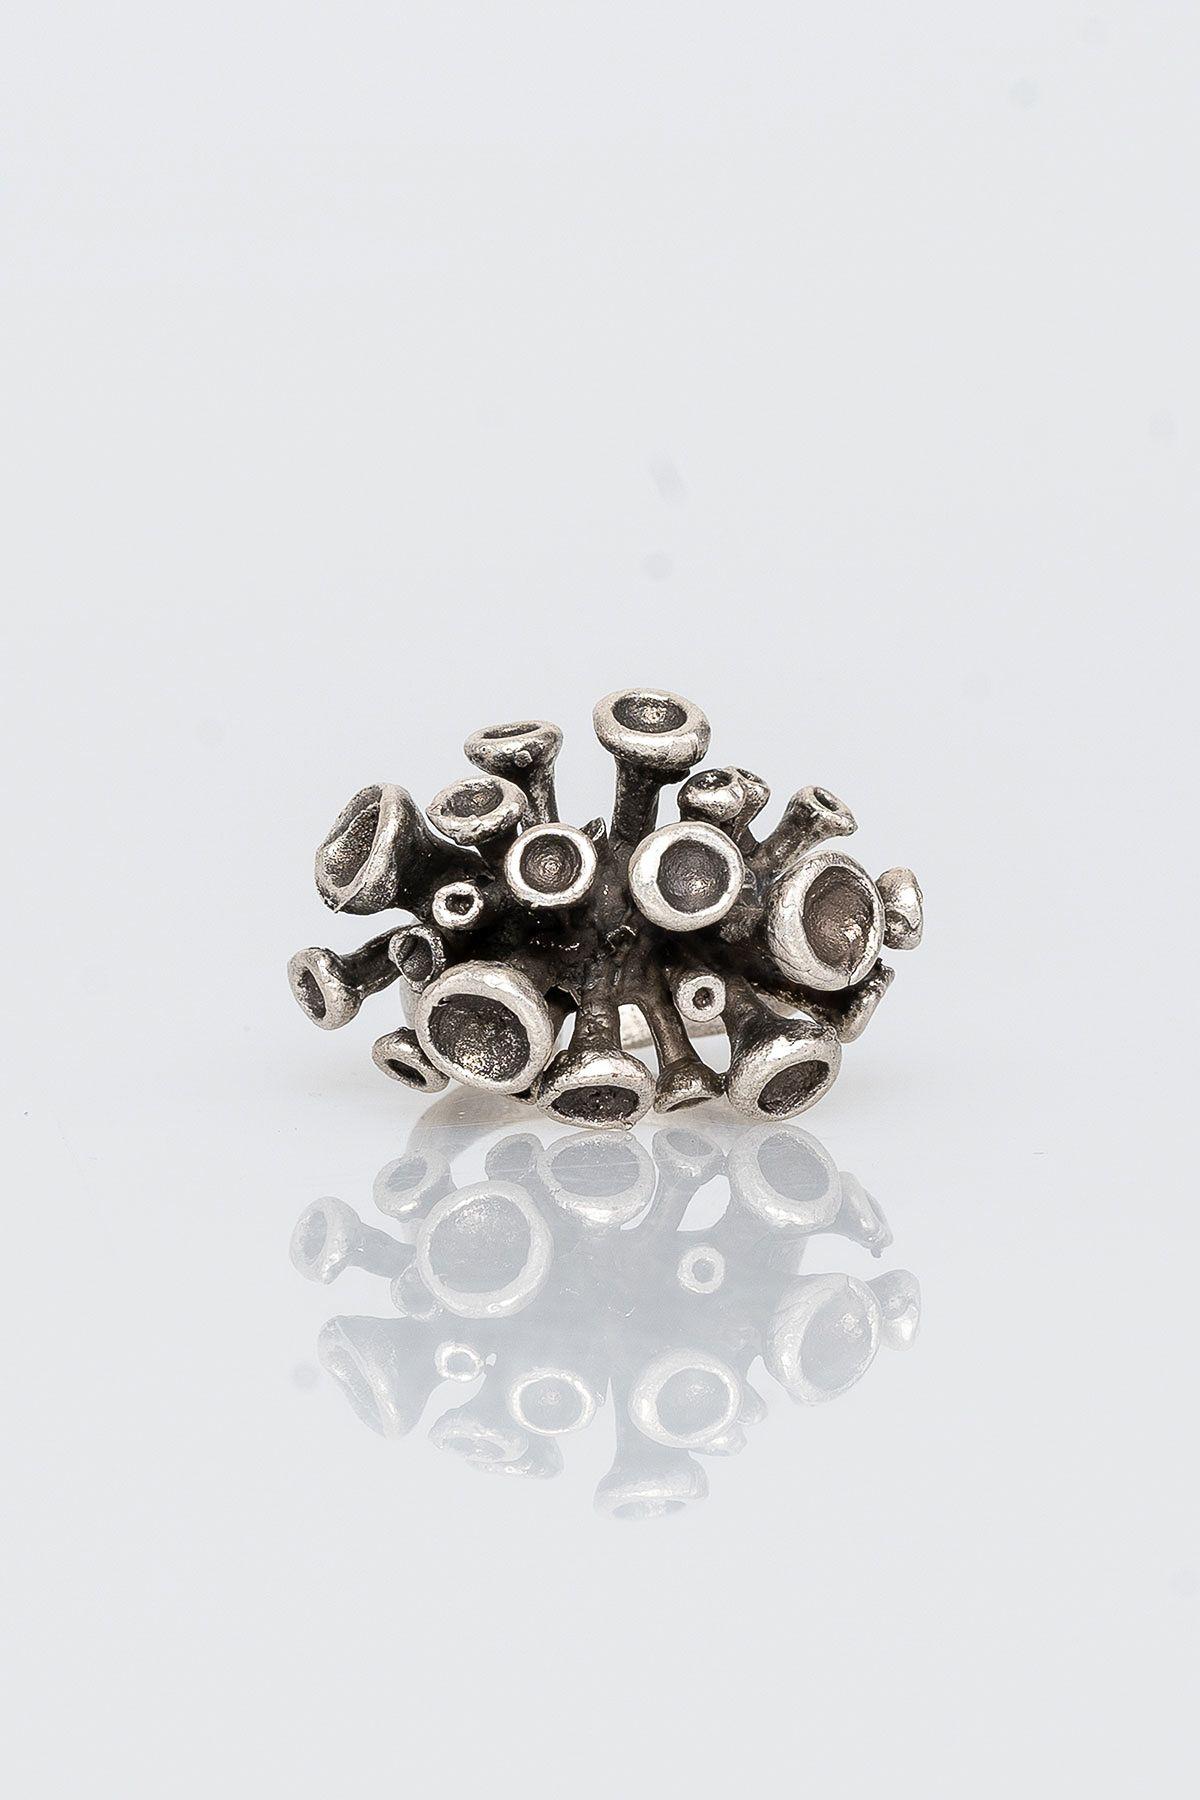 Pegia Deri Çantalı Vintage Tasarım Yüzük 19YZ12 Gümüş